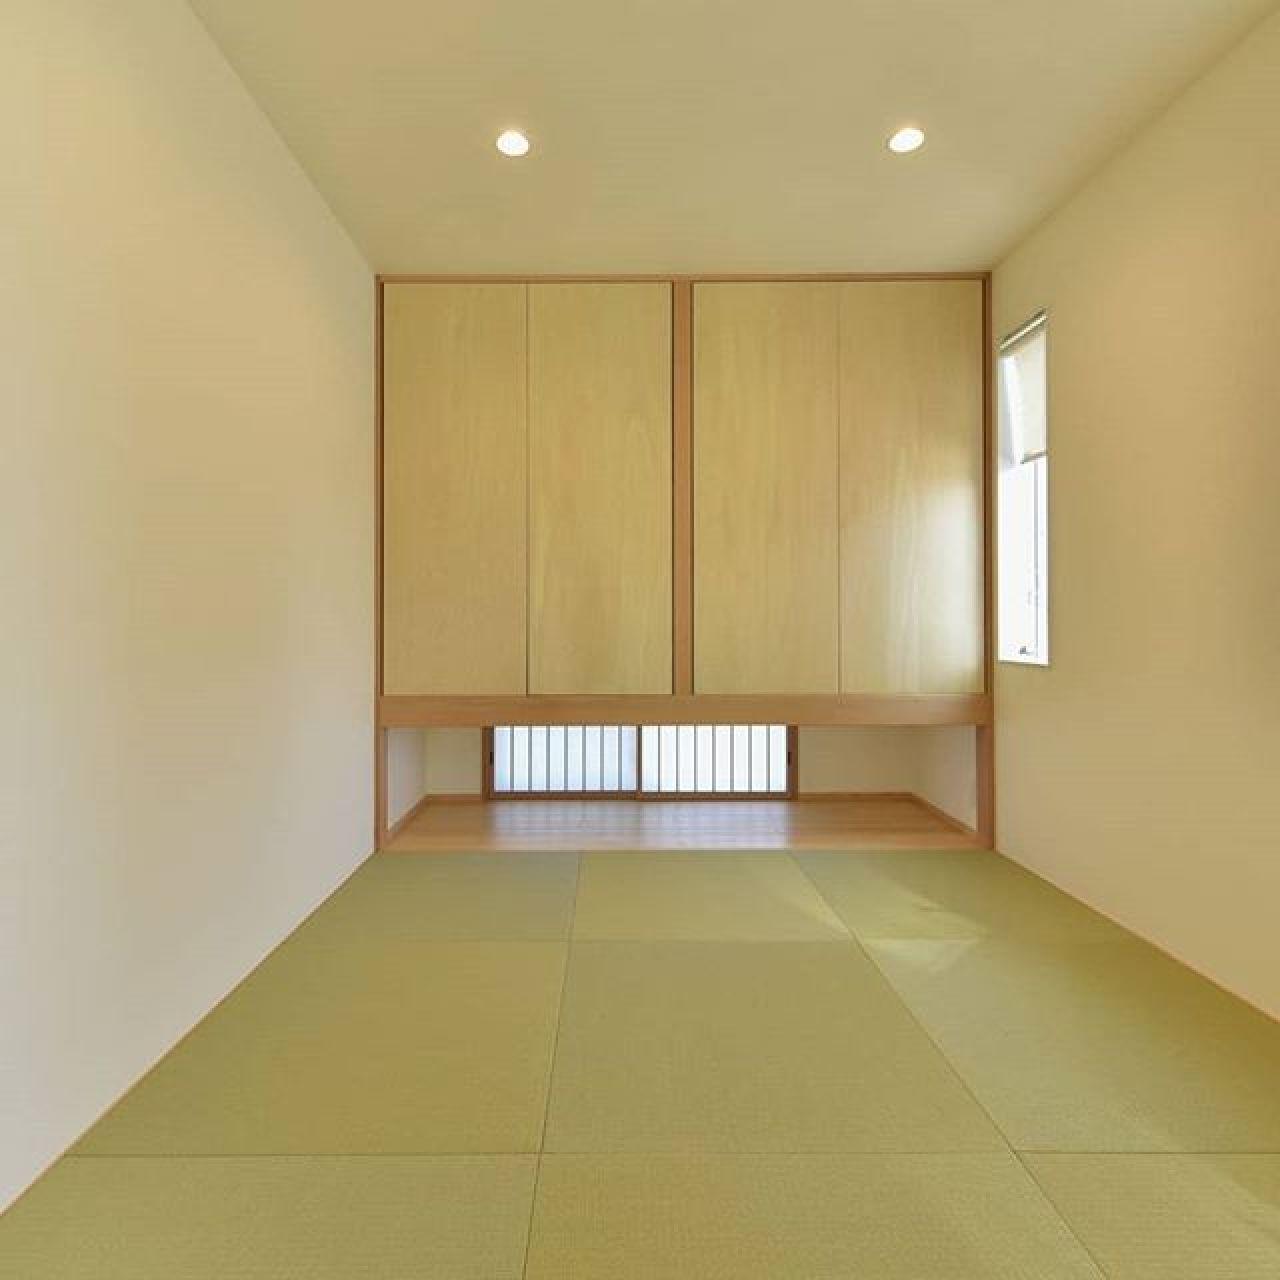 和紙畳に吊り押入、地窓なのにダウンライトにすると和モダンな空間に。#和紙畳#吊押入 #地窓 #ダウンライト#珪藻土#自然素材 #呼吸する壁 #調湿 #フラッシュ戸